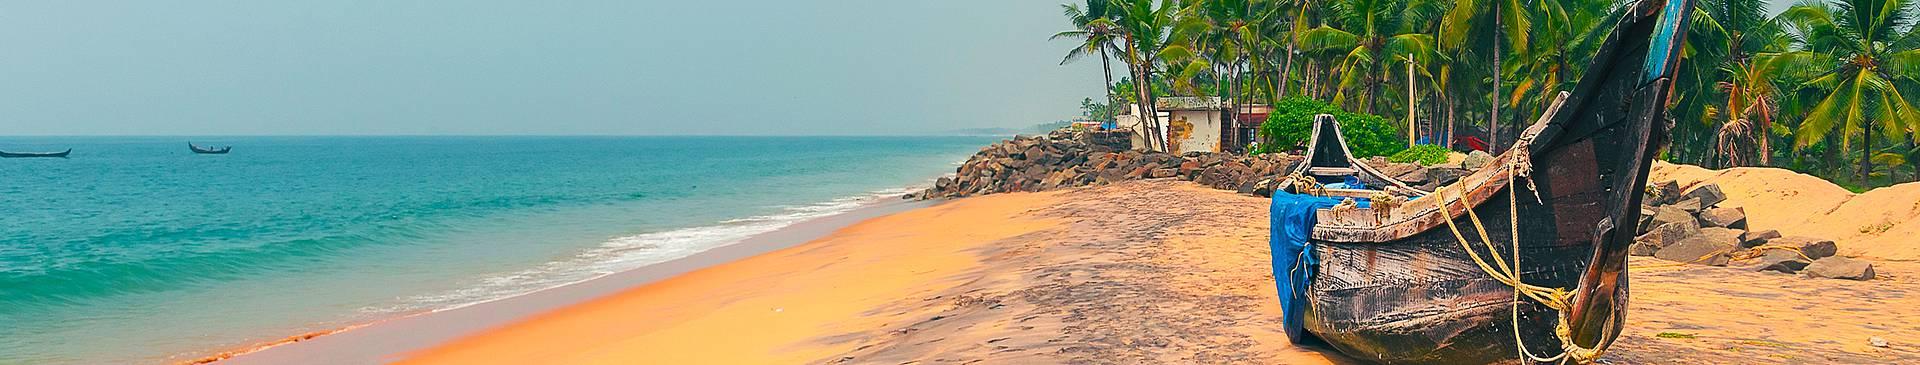 Viaggi al mare in India